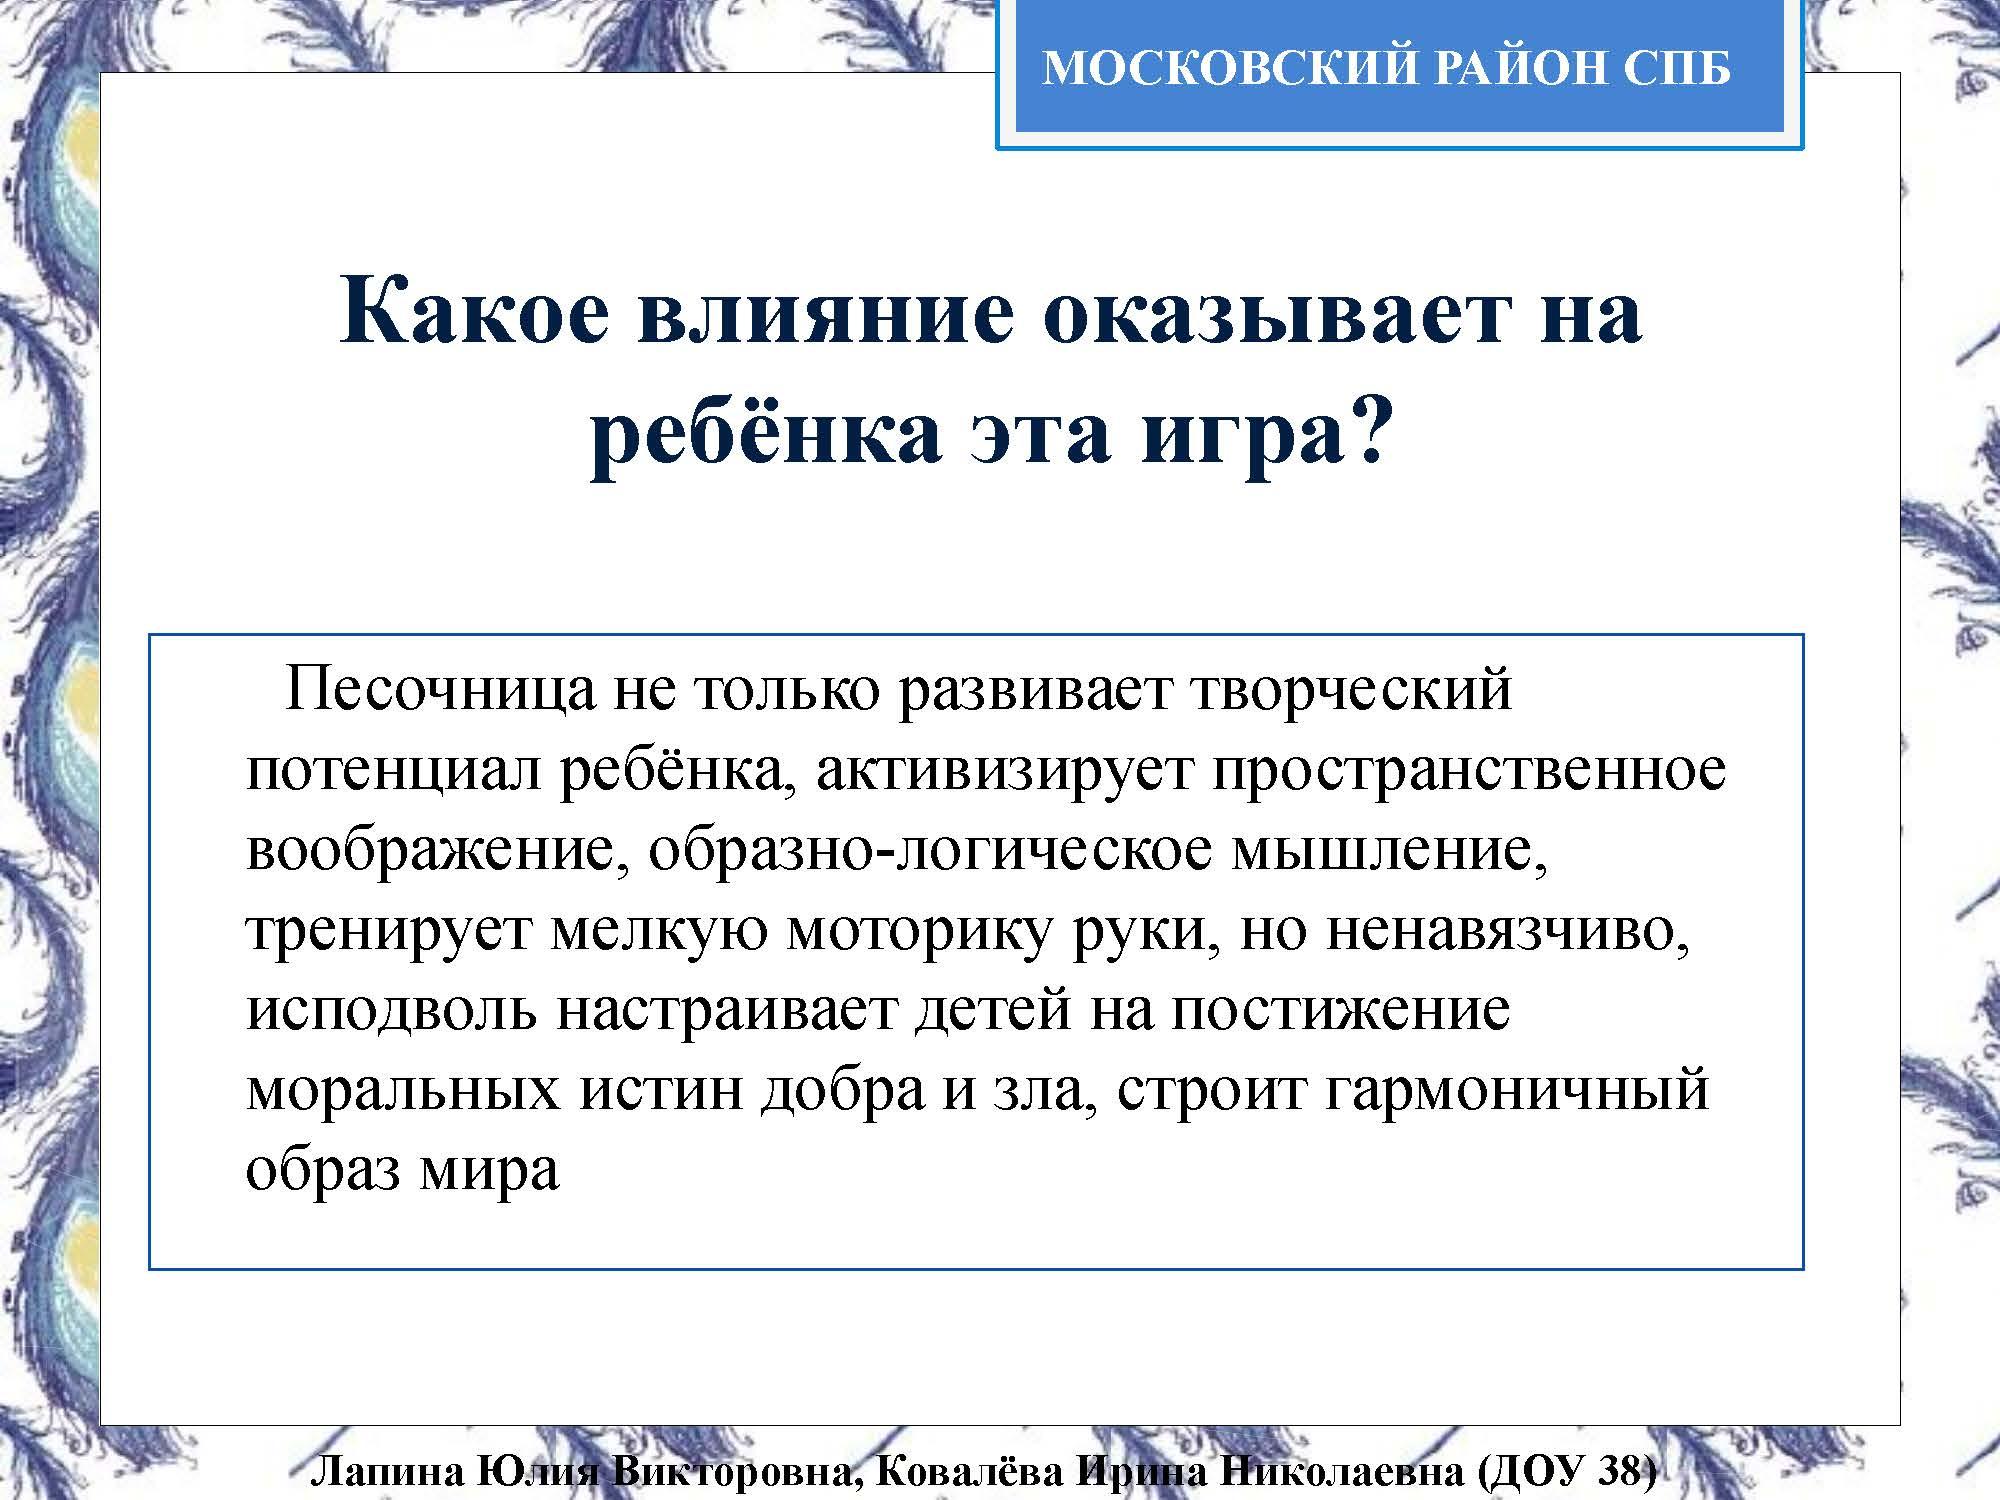 Секция 8. ДОУ 38, Московский район_Страница_20